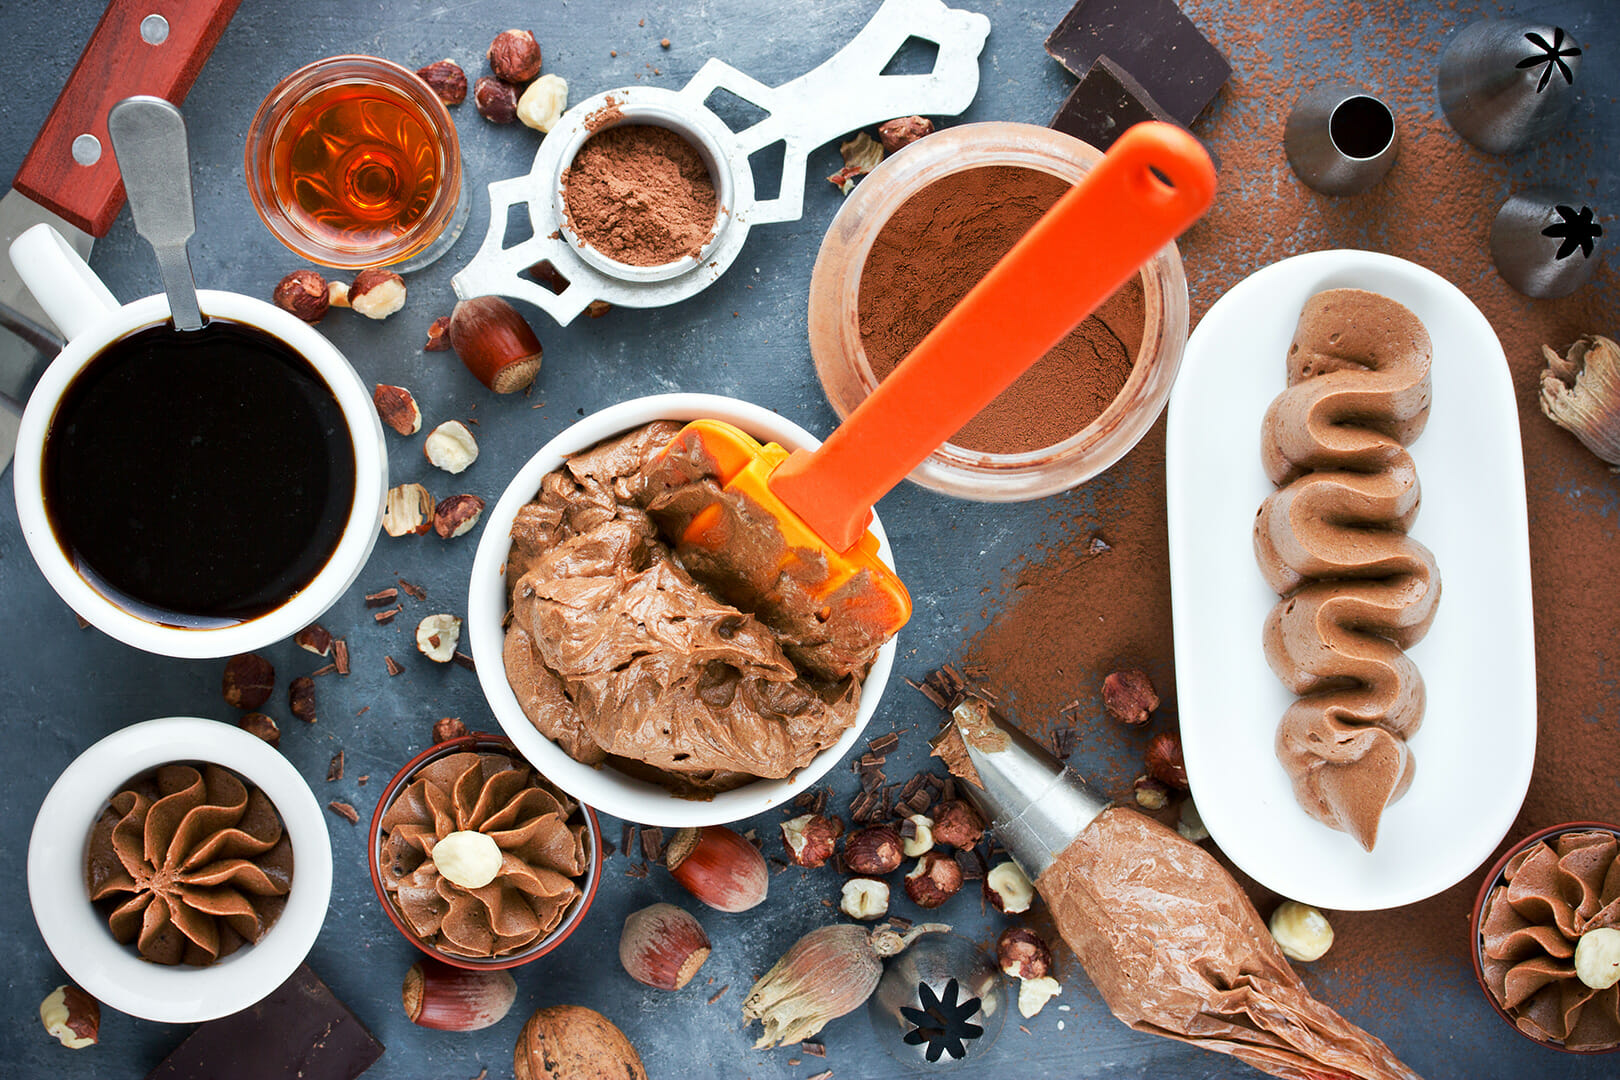 סדנת גלידות וקינוחים